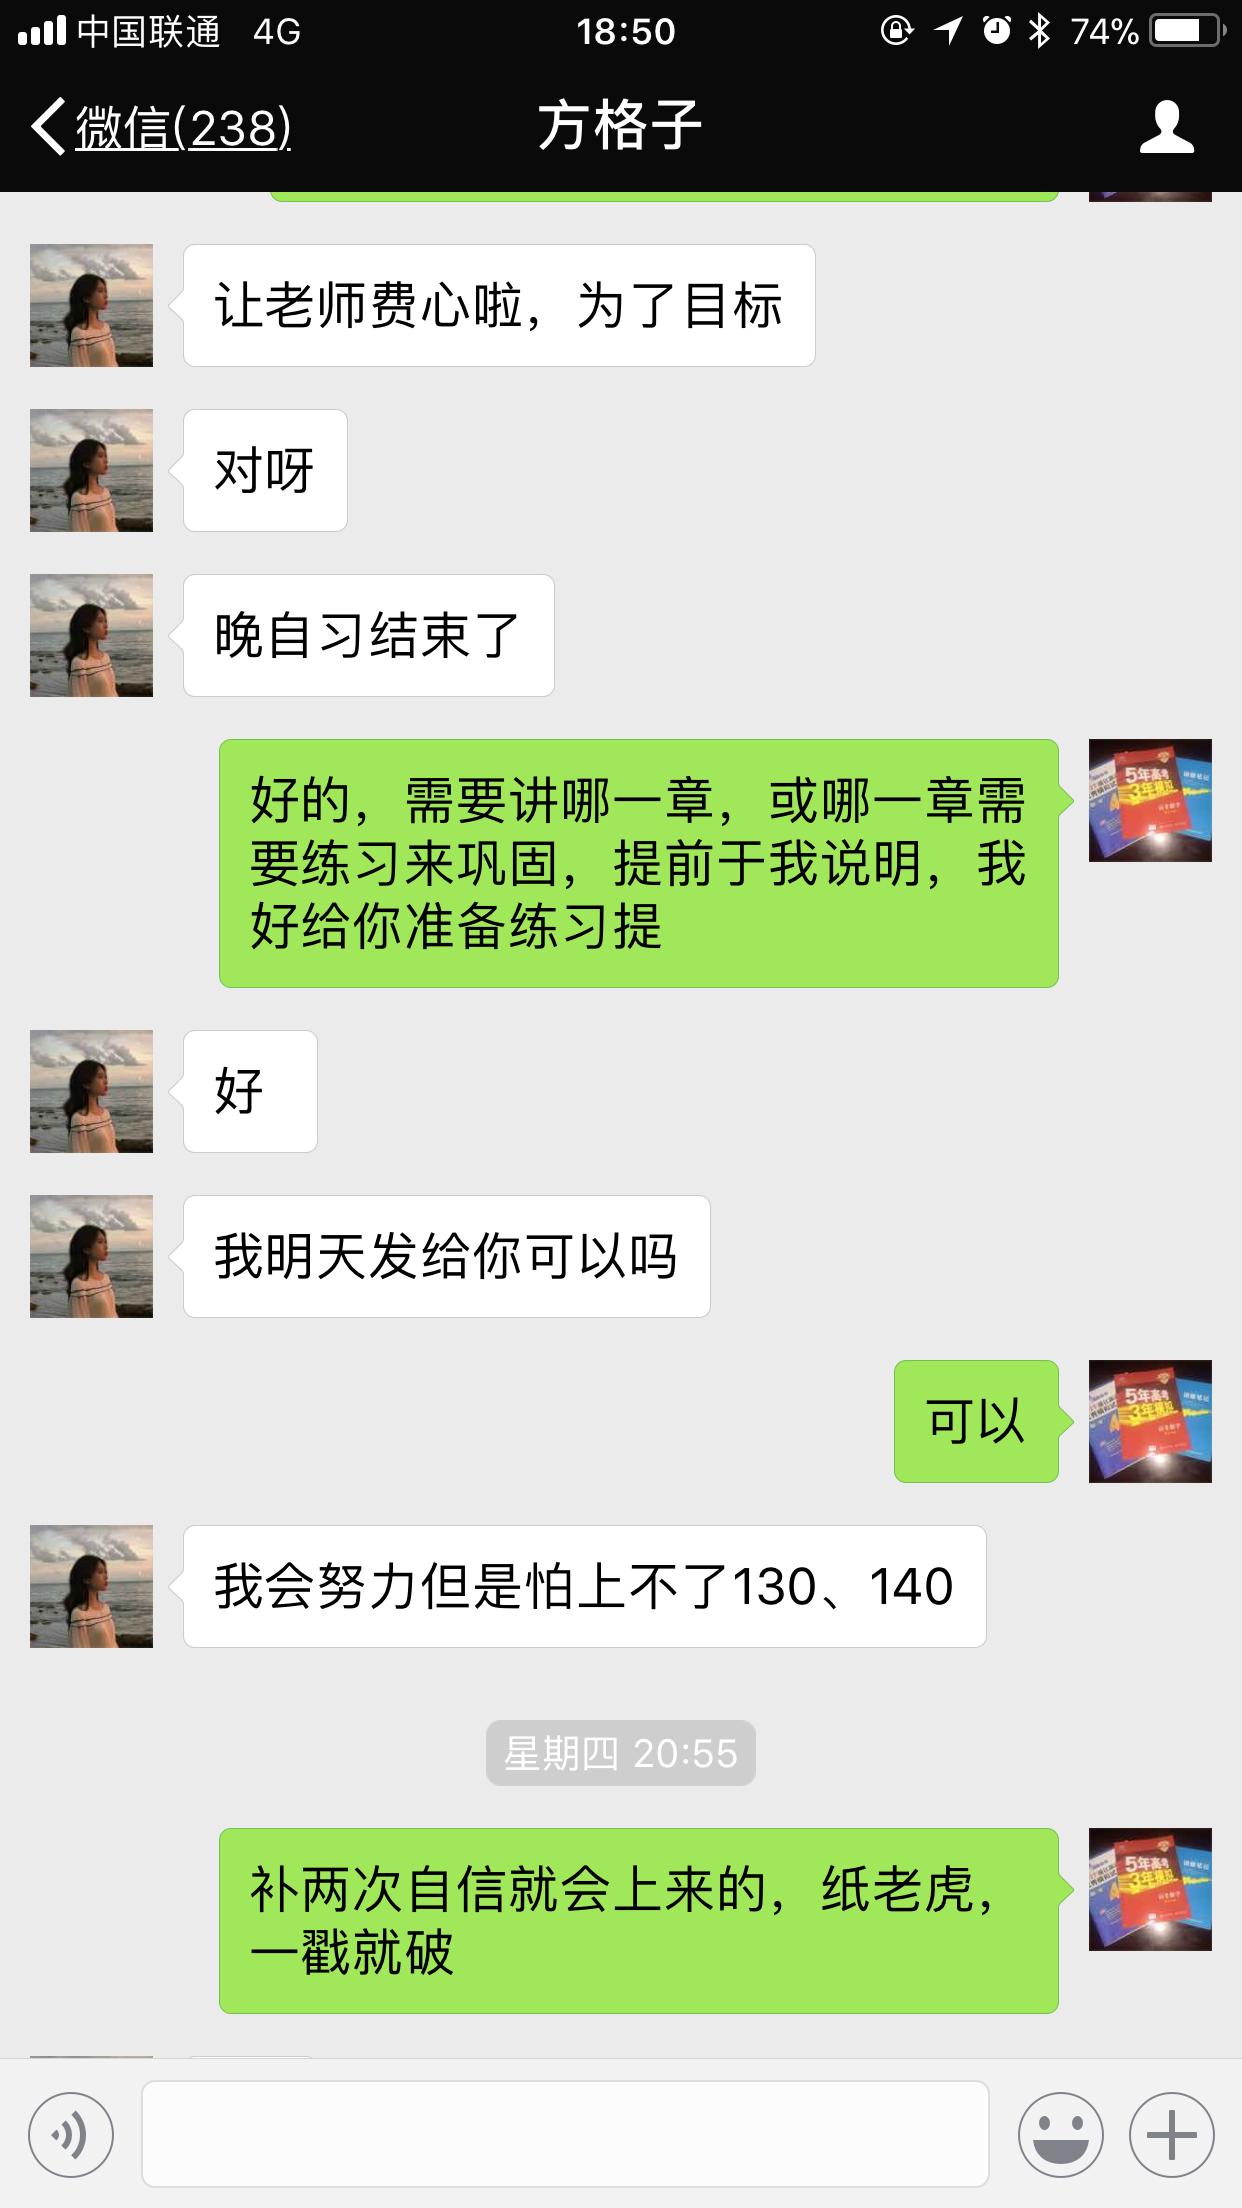 梁老师师相册23